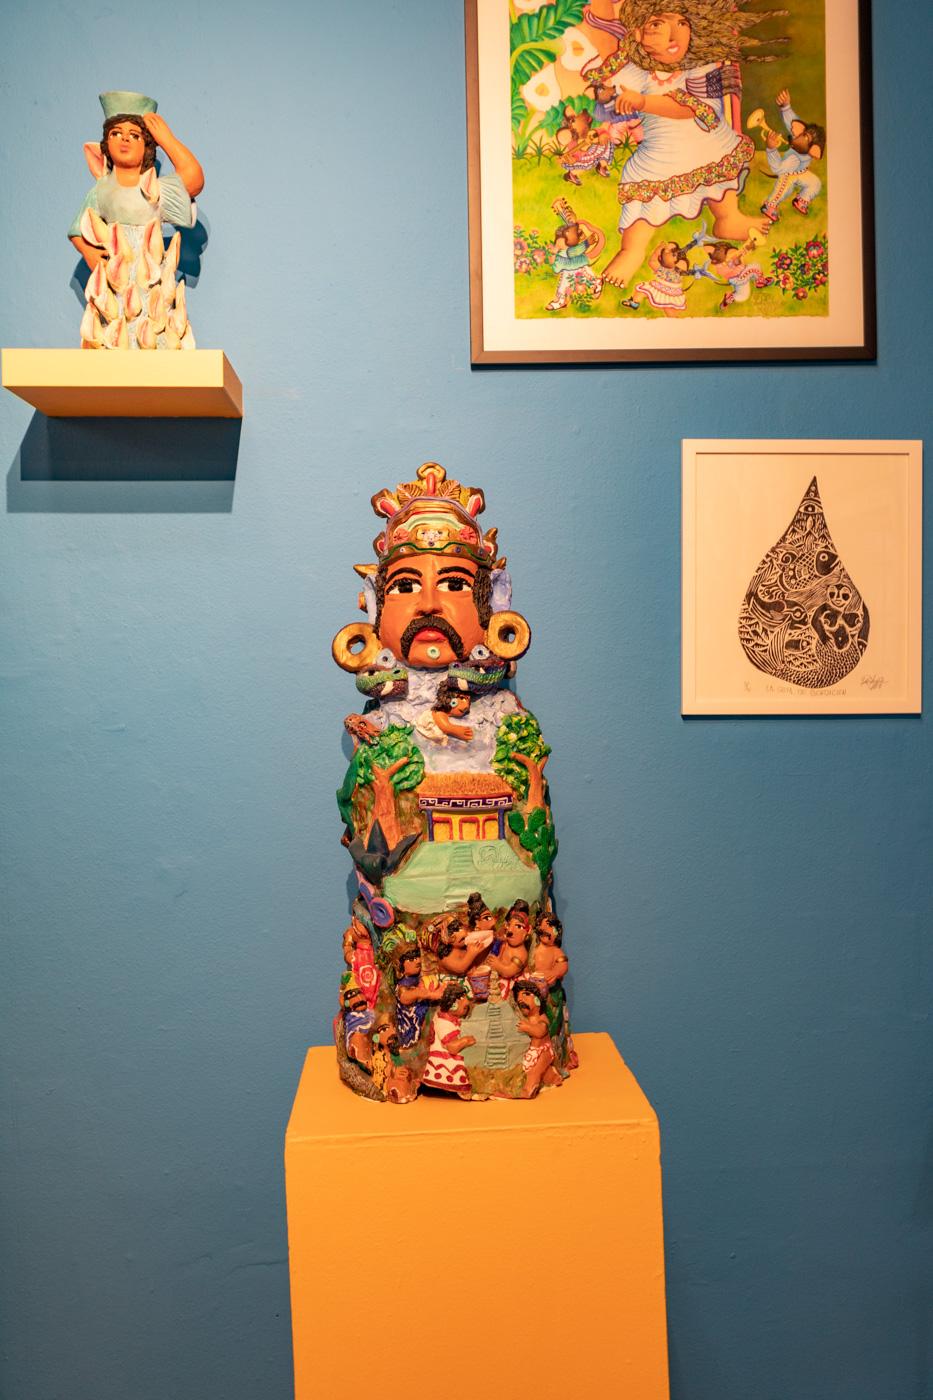 Hecho en México exhibit at Magic Gardens